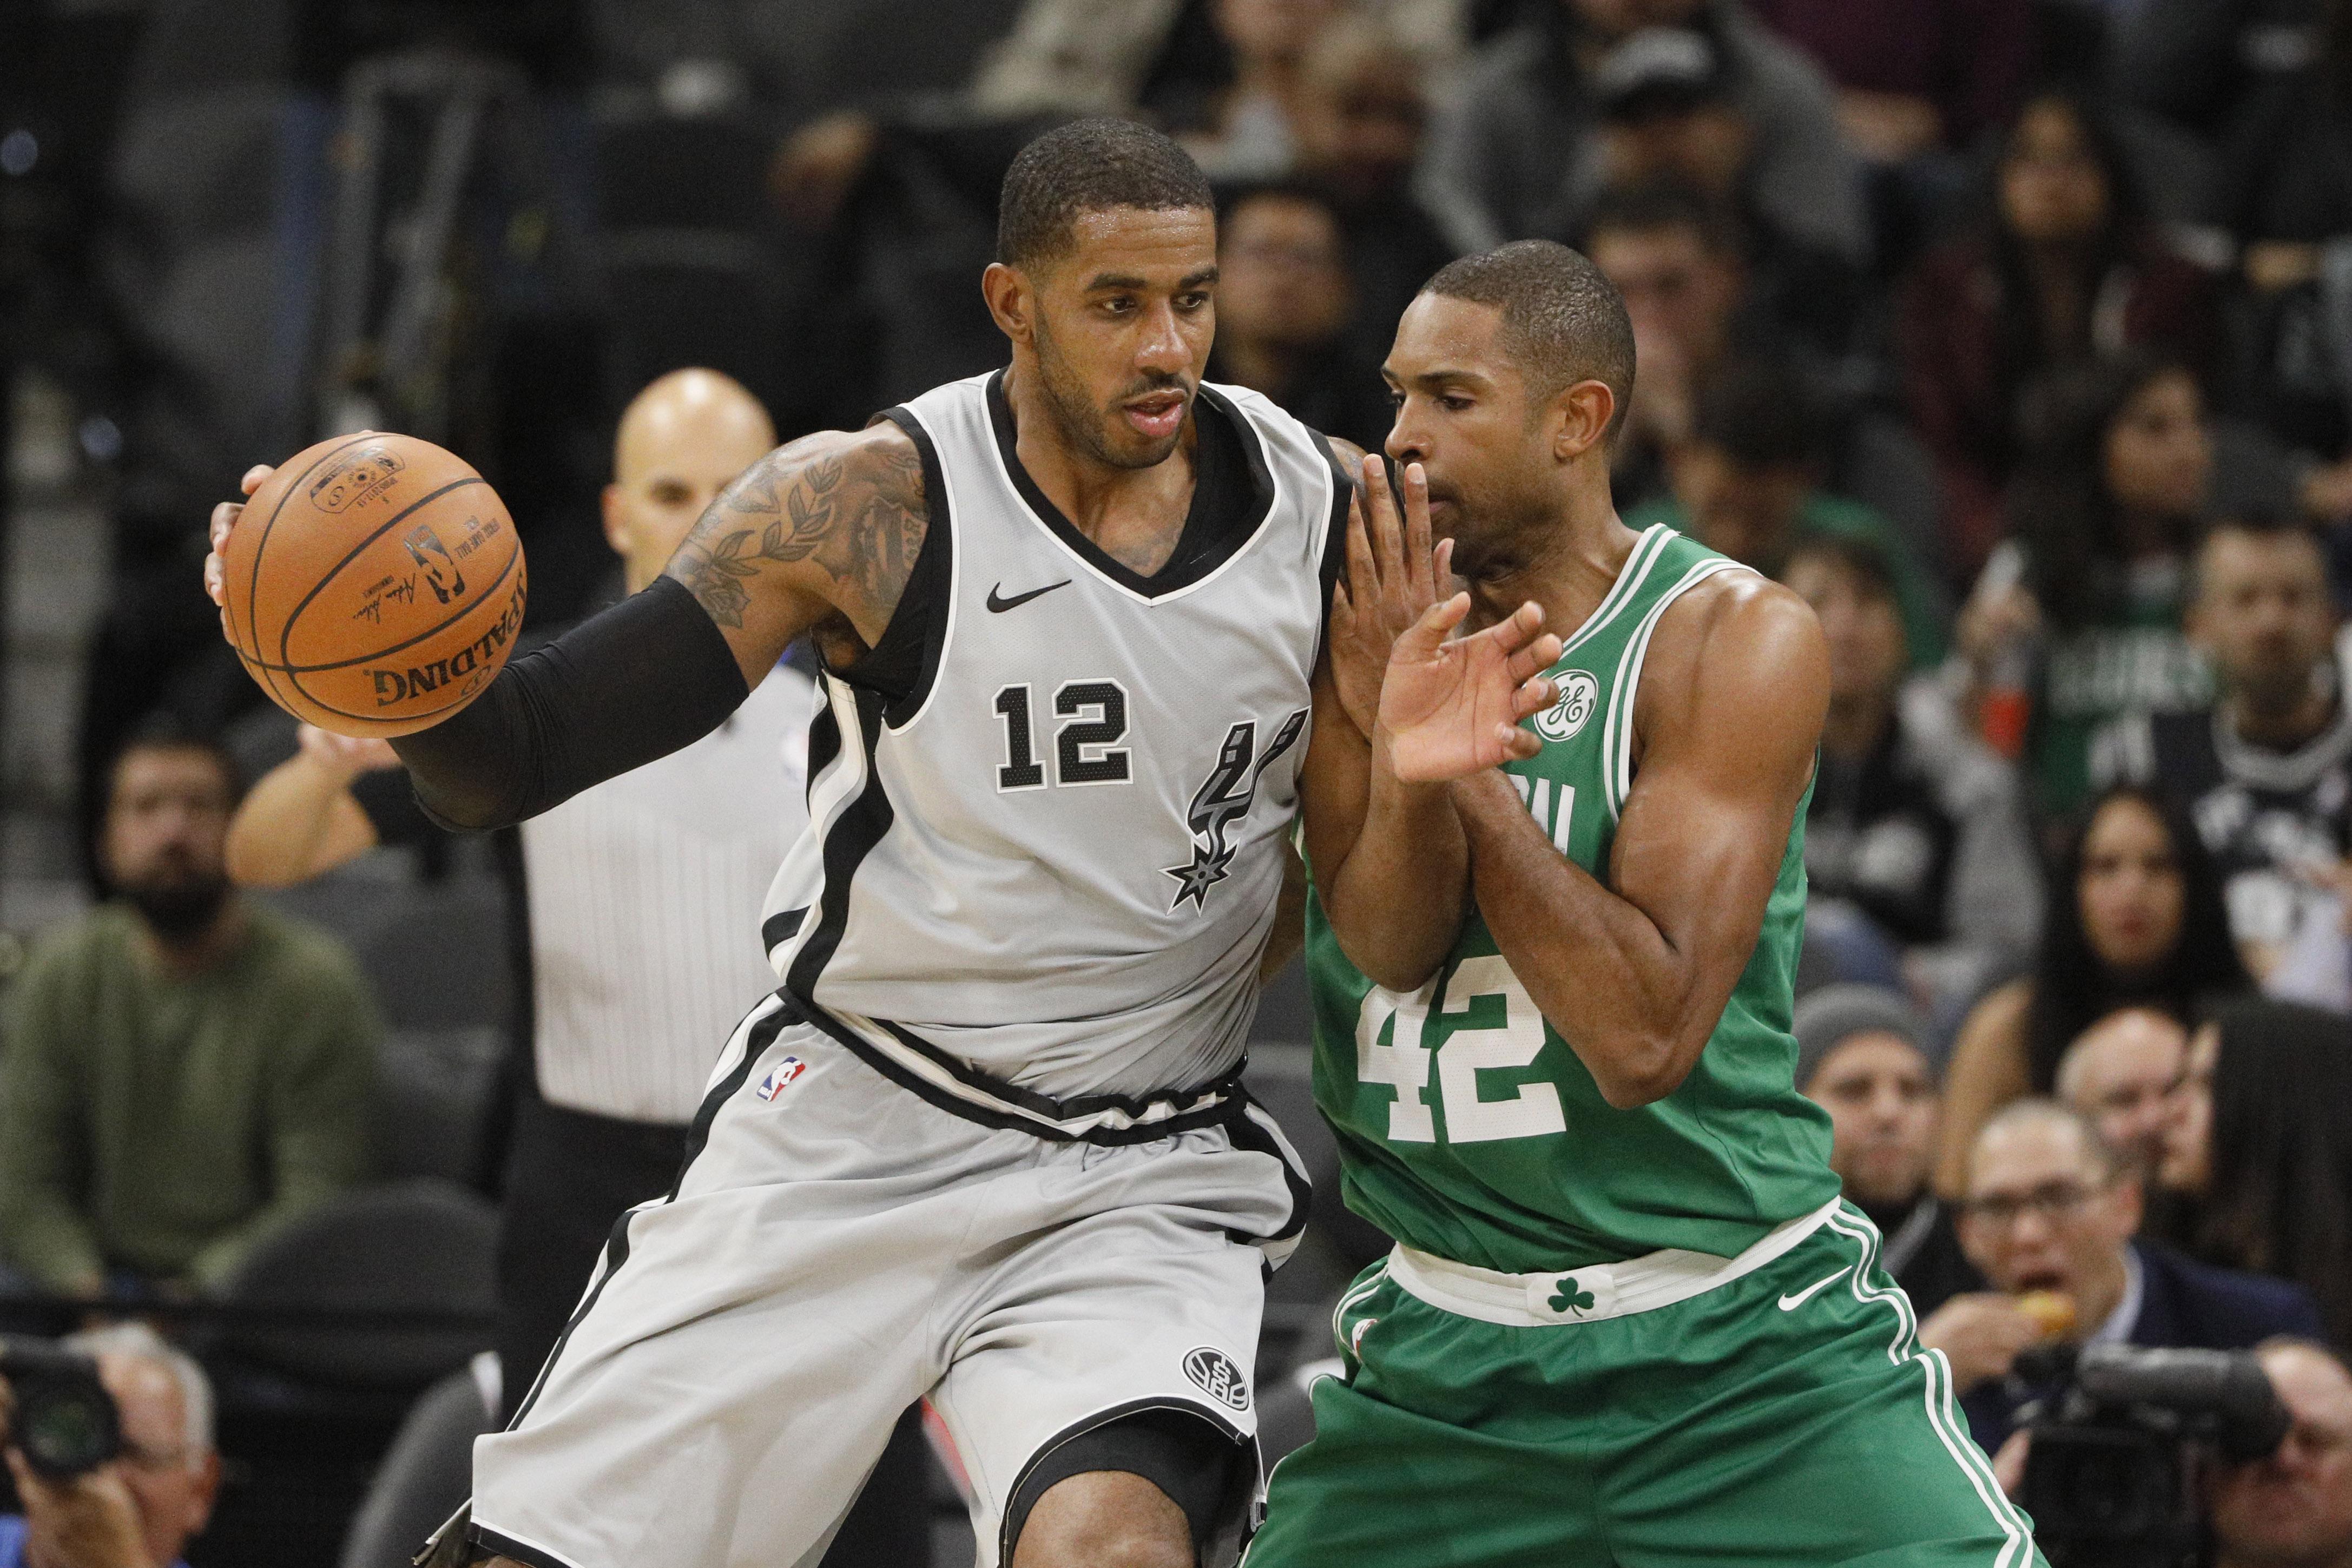 NBA: Boston Celtics at San Antonio Spurs